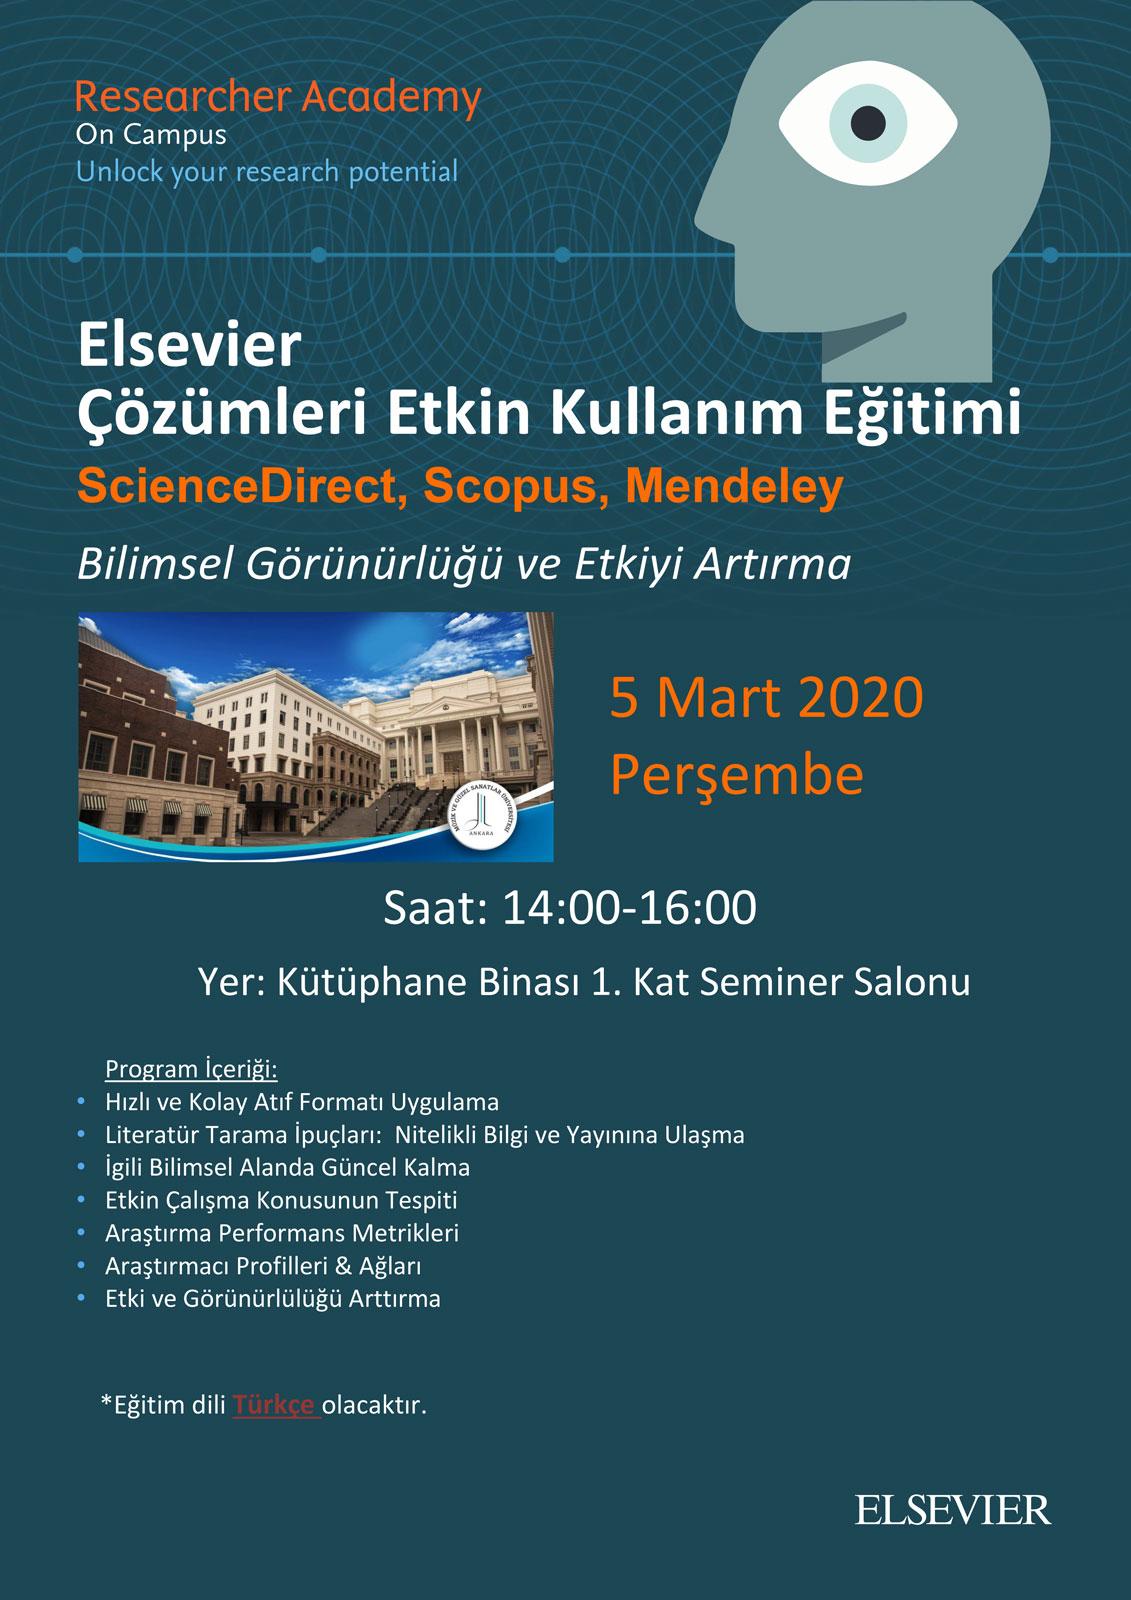 Elsevier Çözümleri Etkin Kullanım Eğitimi